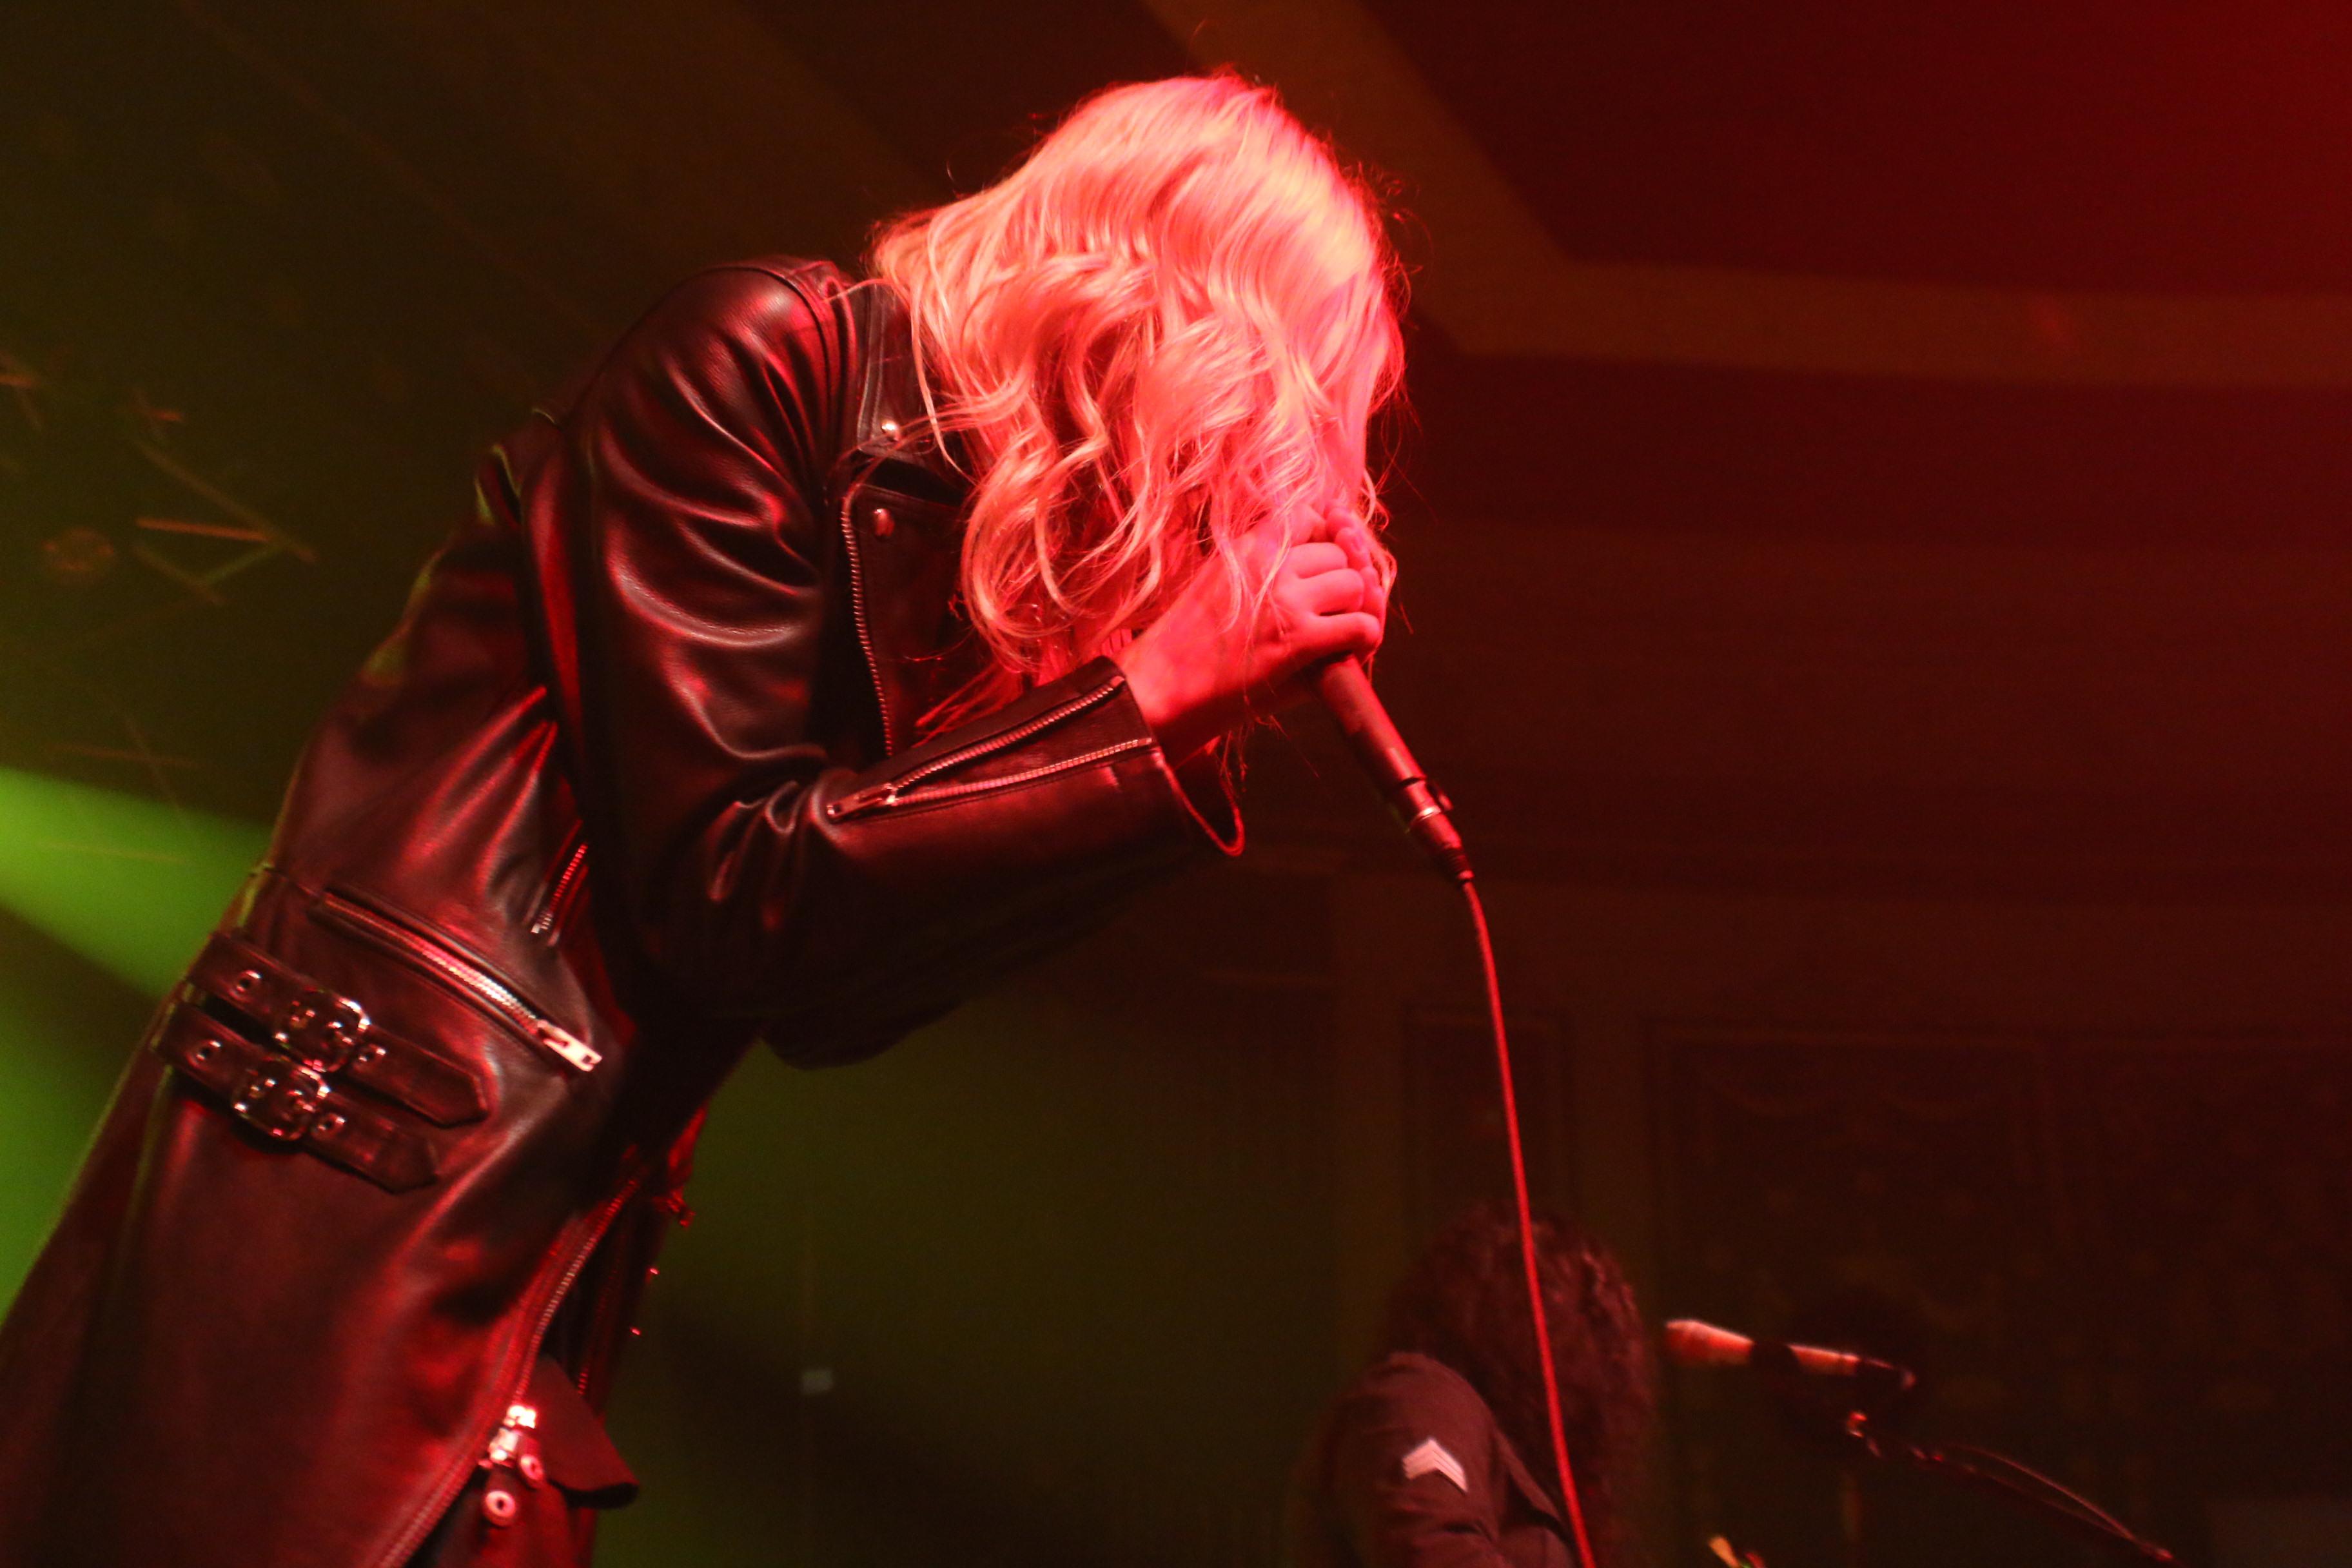 Taylor Momsen onstage at Rapids Theatre in Niagara Falls.